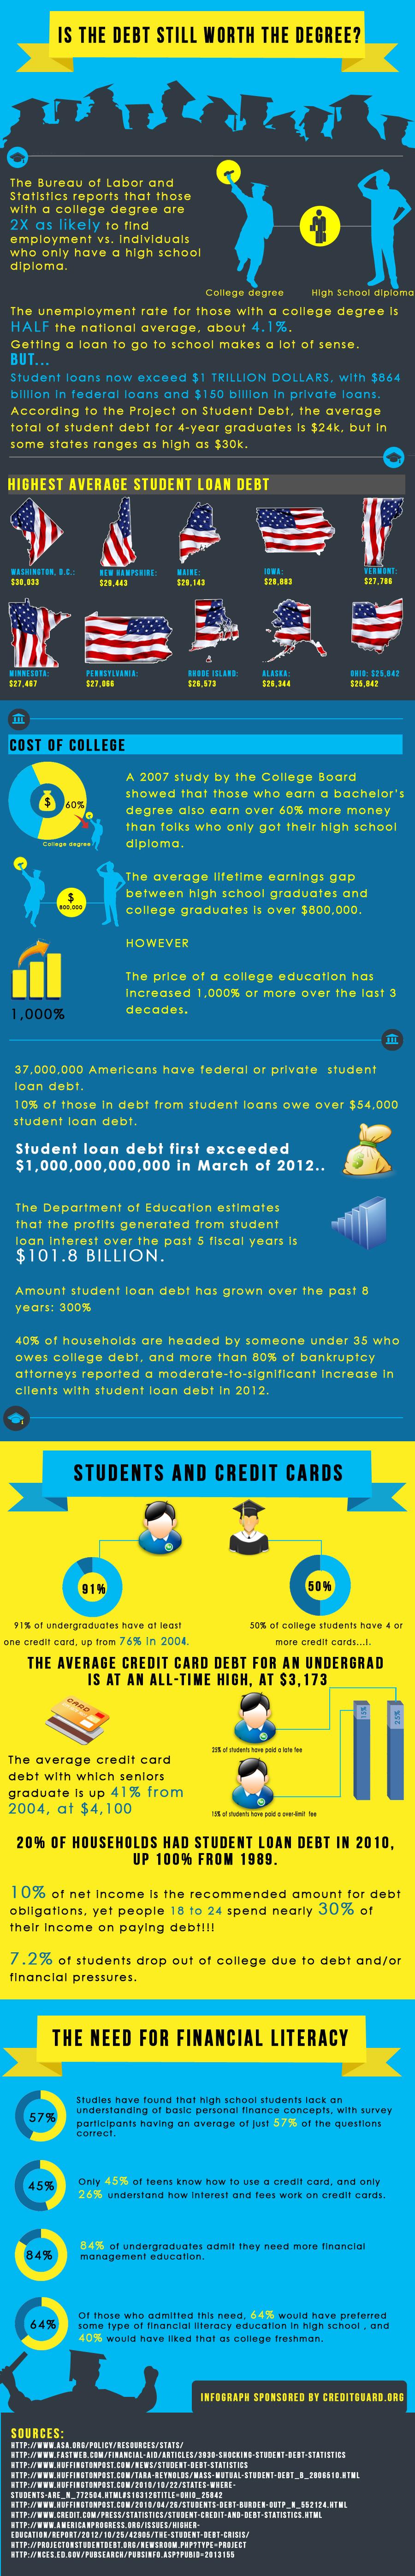 is-debt-still-worth-a-degree_525a5260ef84a